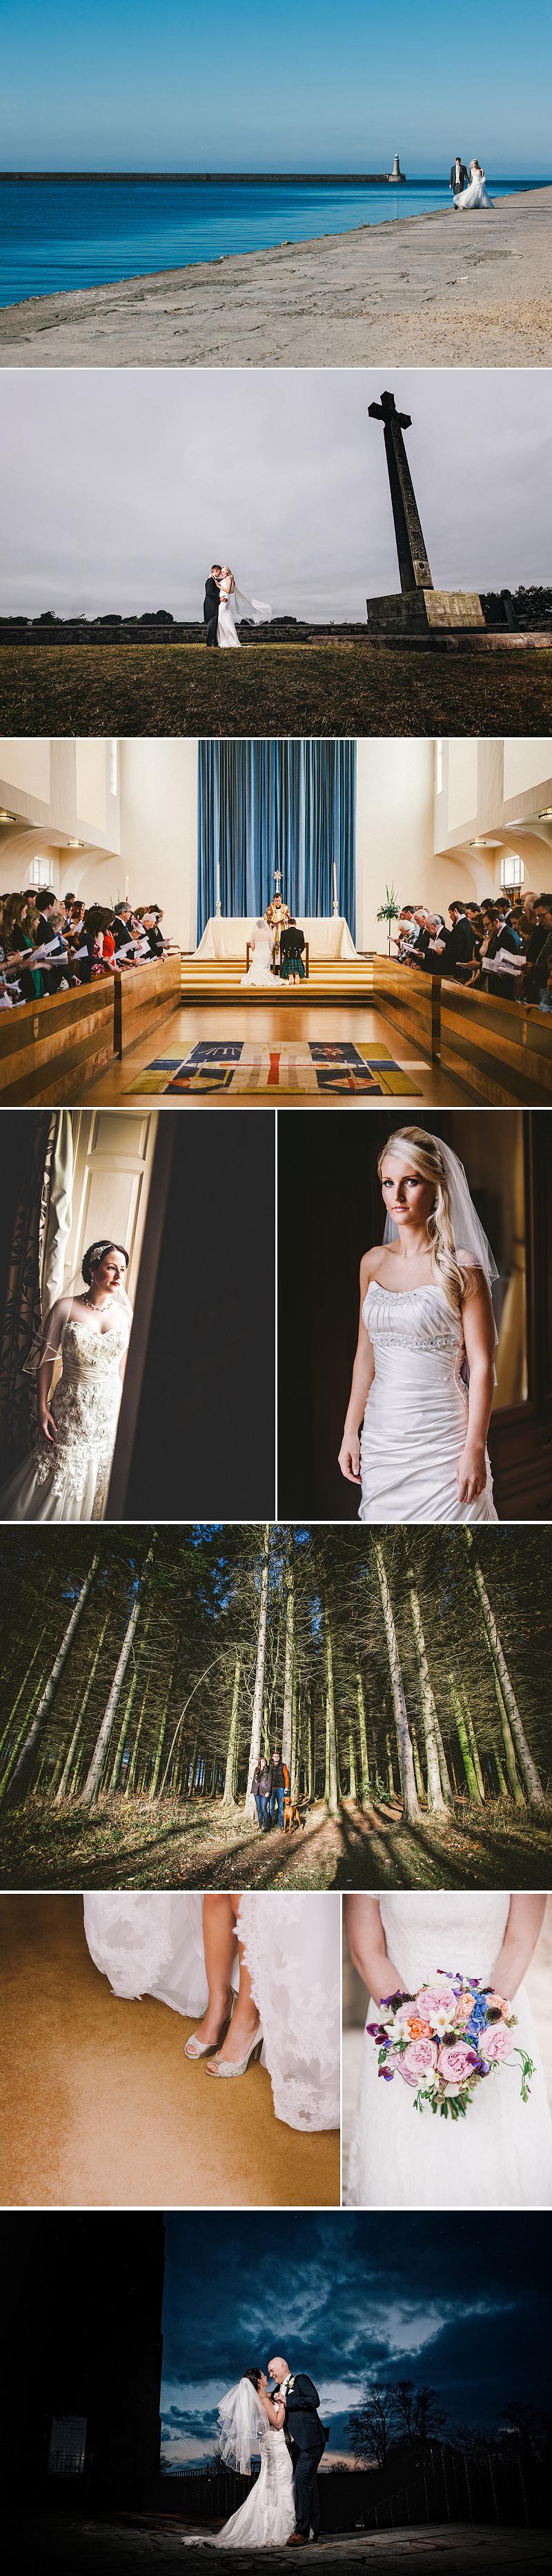 Collage-131231-BestOf2013-03.jpg